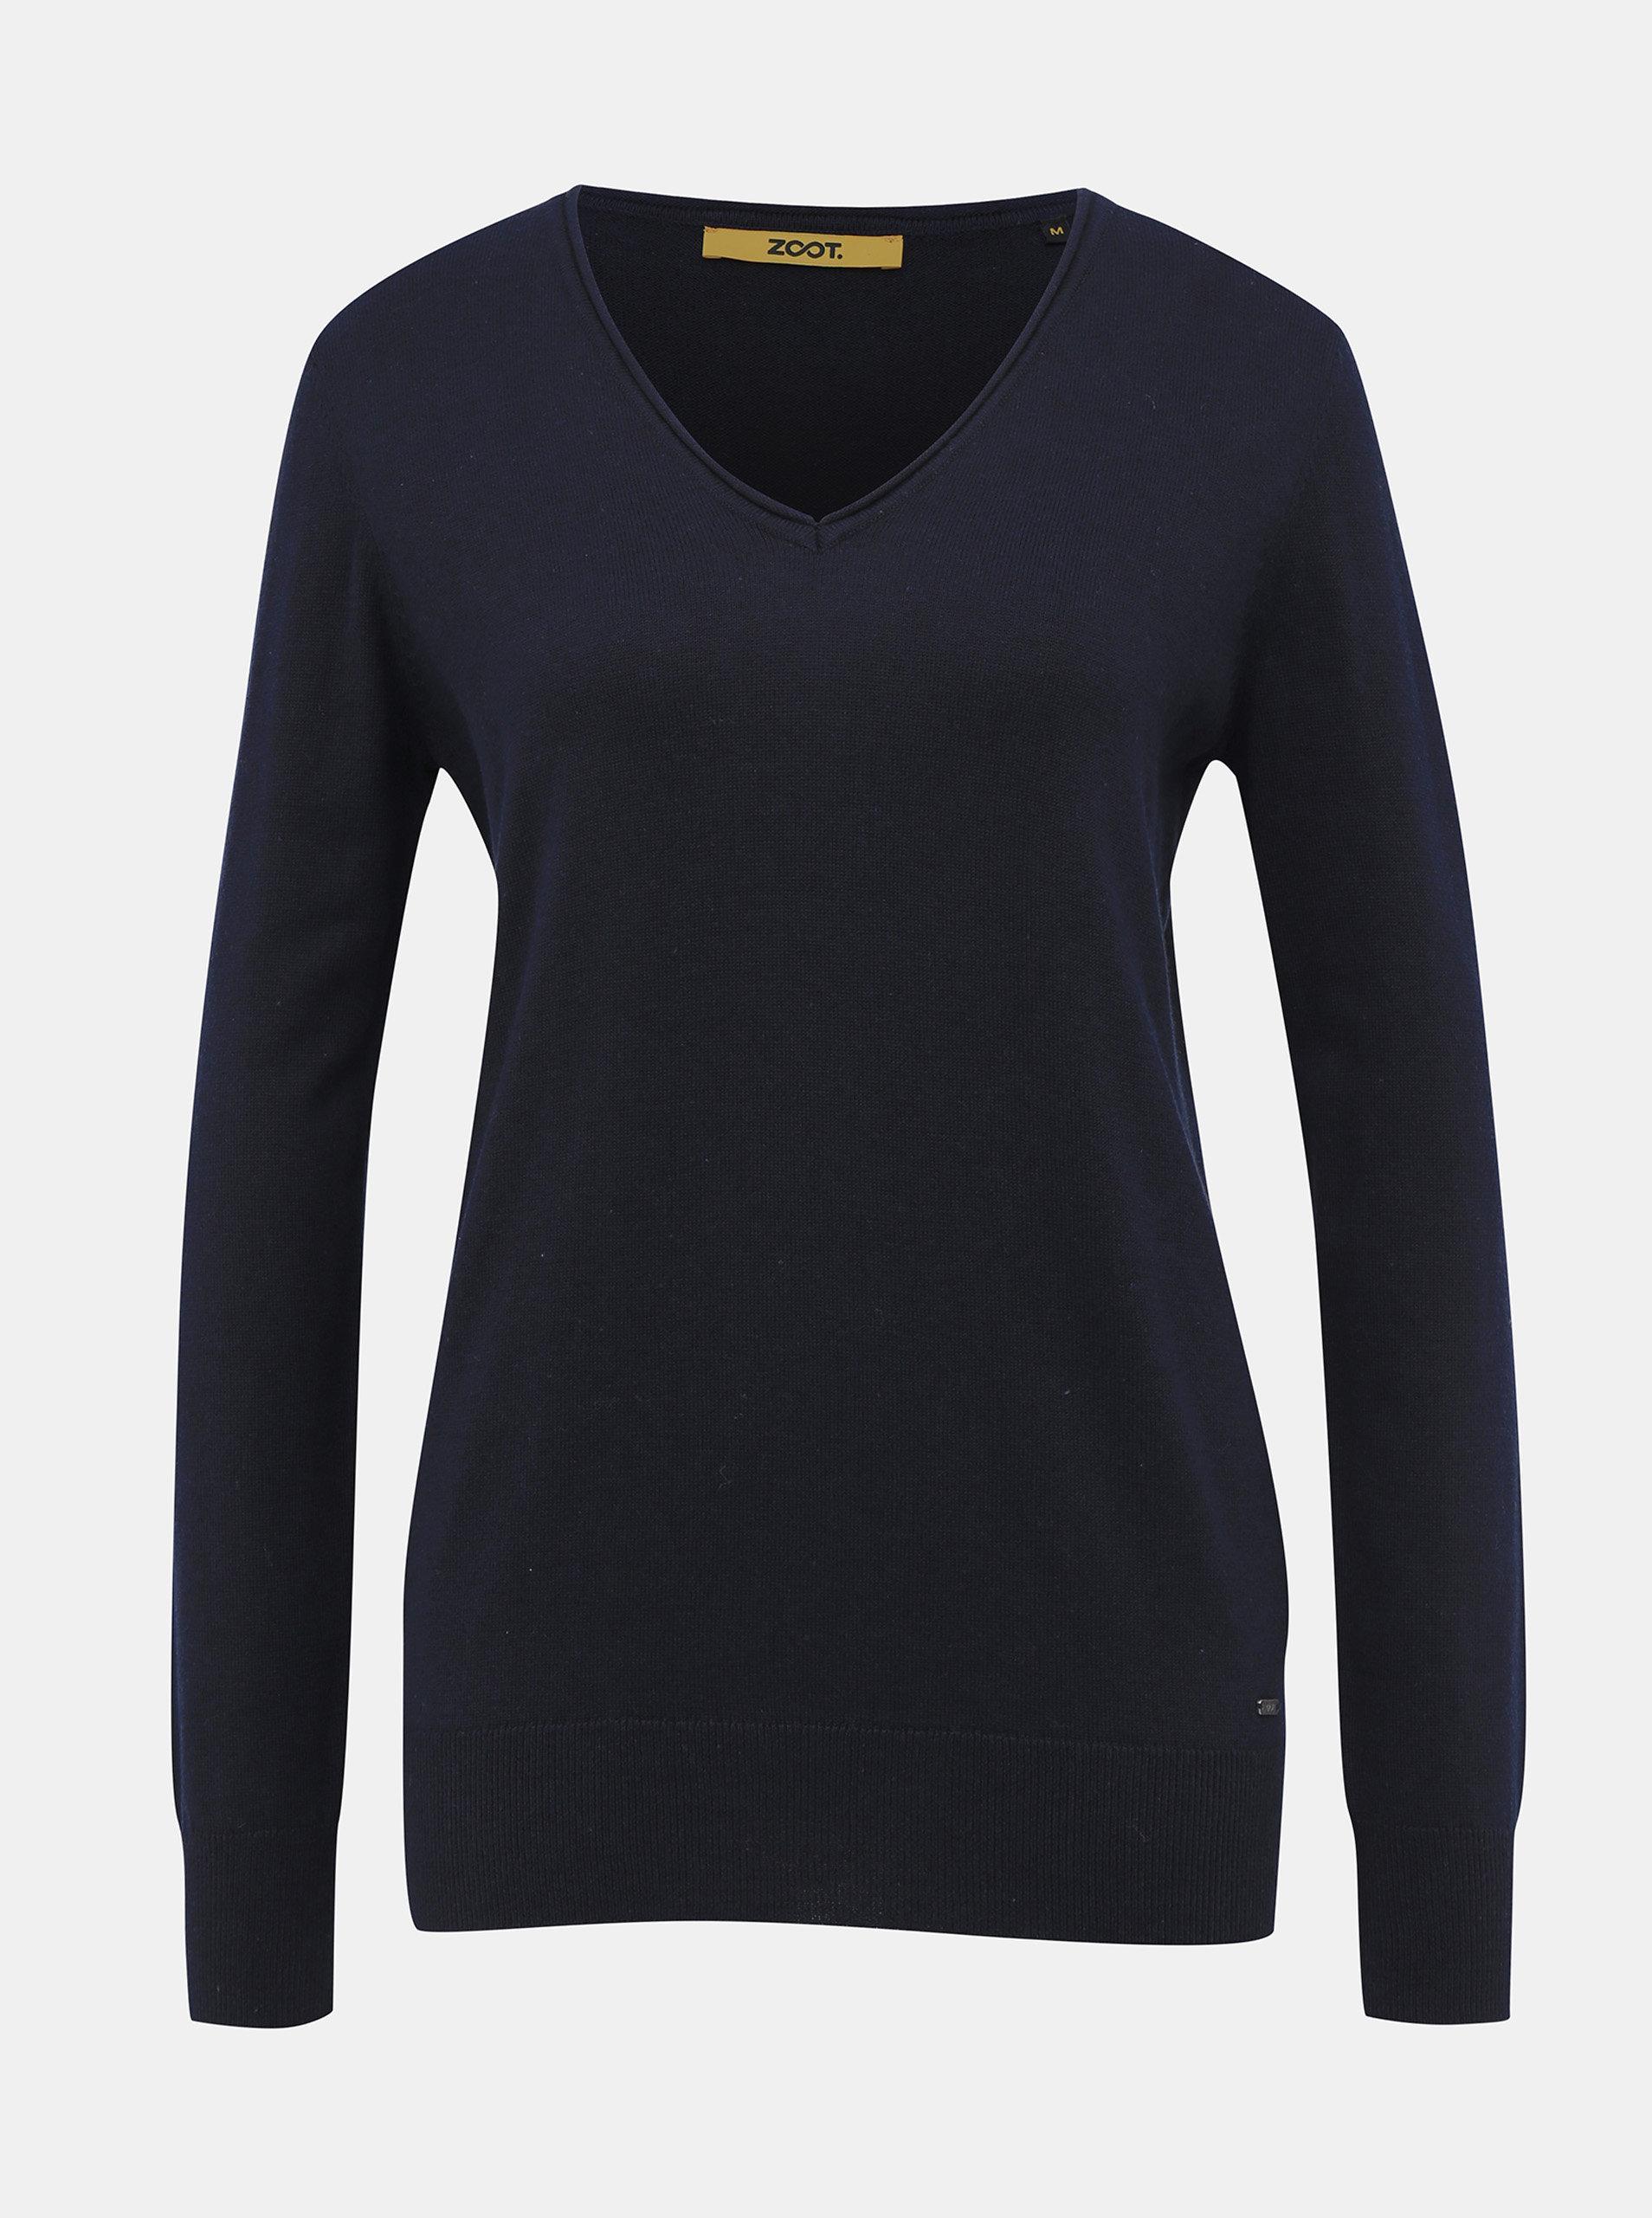 Tmavě modrý dámský basic svetr ZOOT Baseline Irma